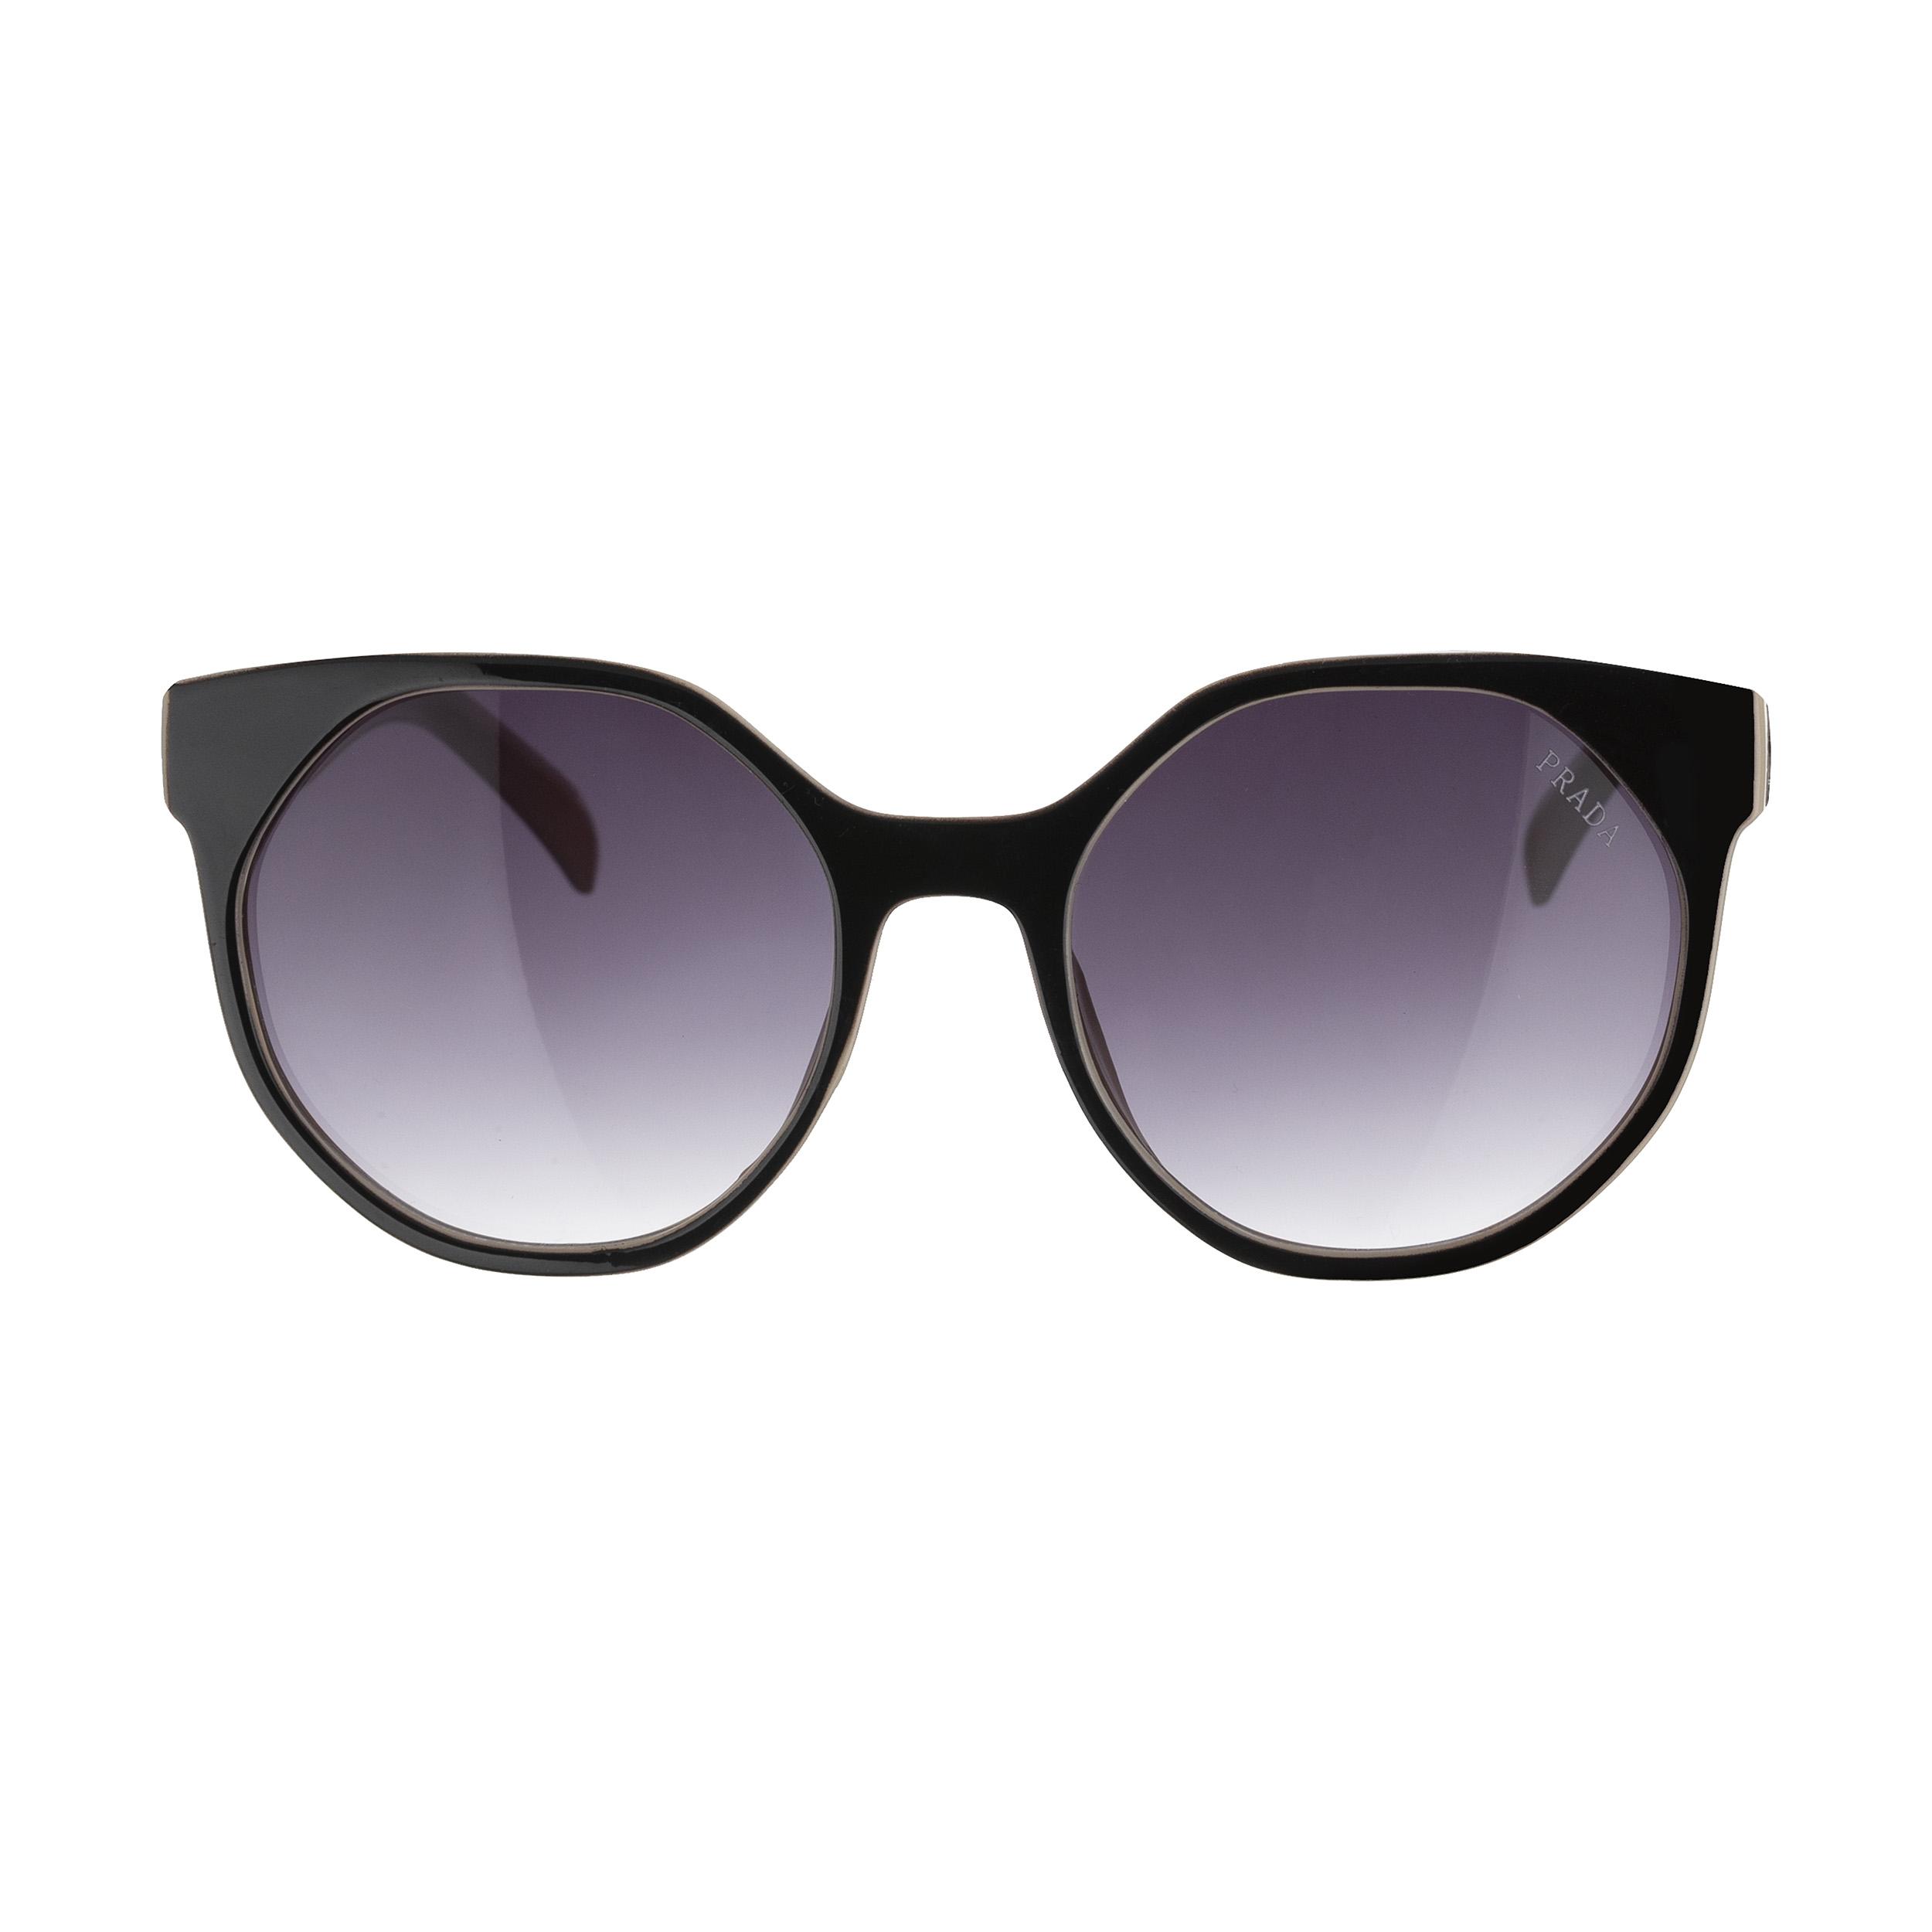 قیمت عینک آفتابی زنانه مدل 11 Half Sepia